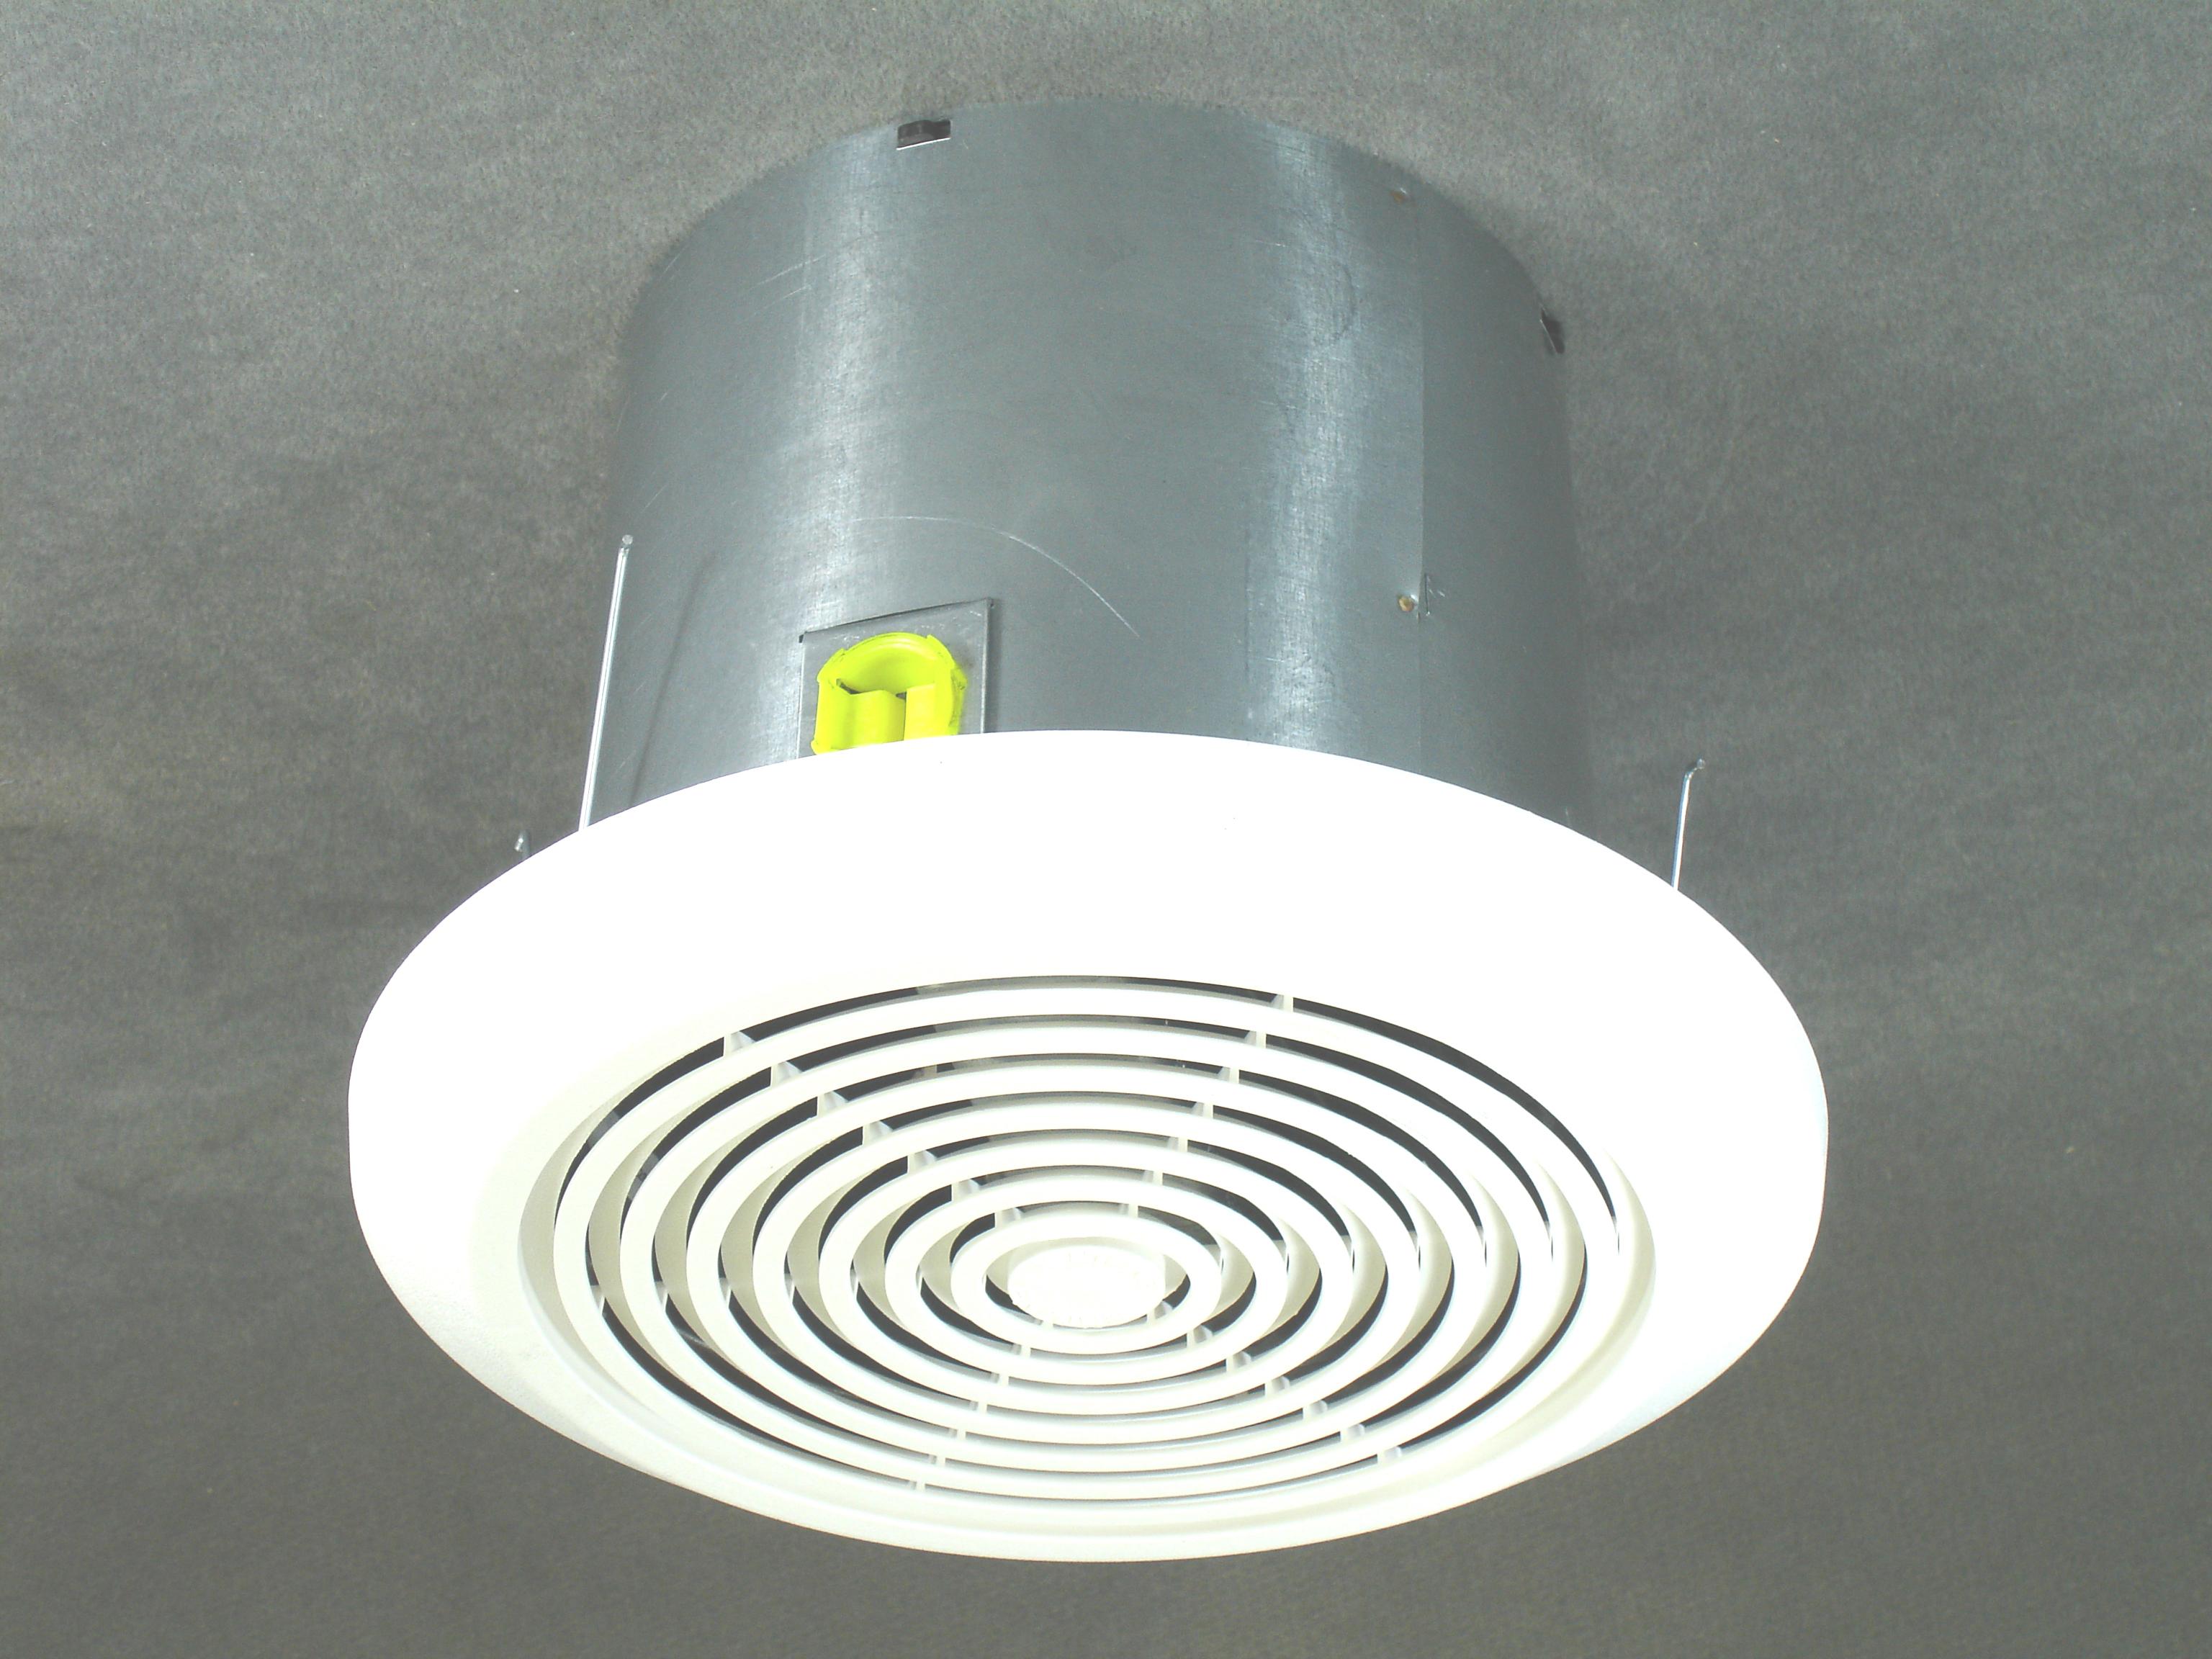 7 bathroom exhaust fan w gril royal durham supply for 7 bathroom exhaust fan